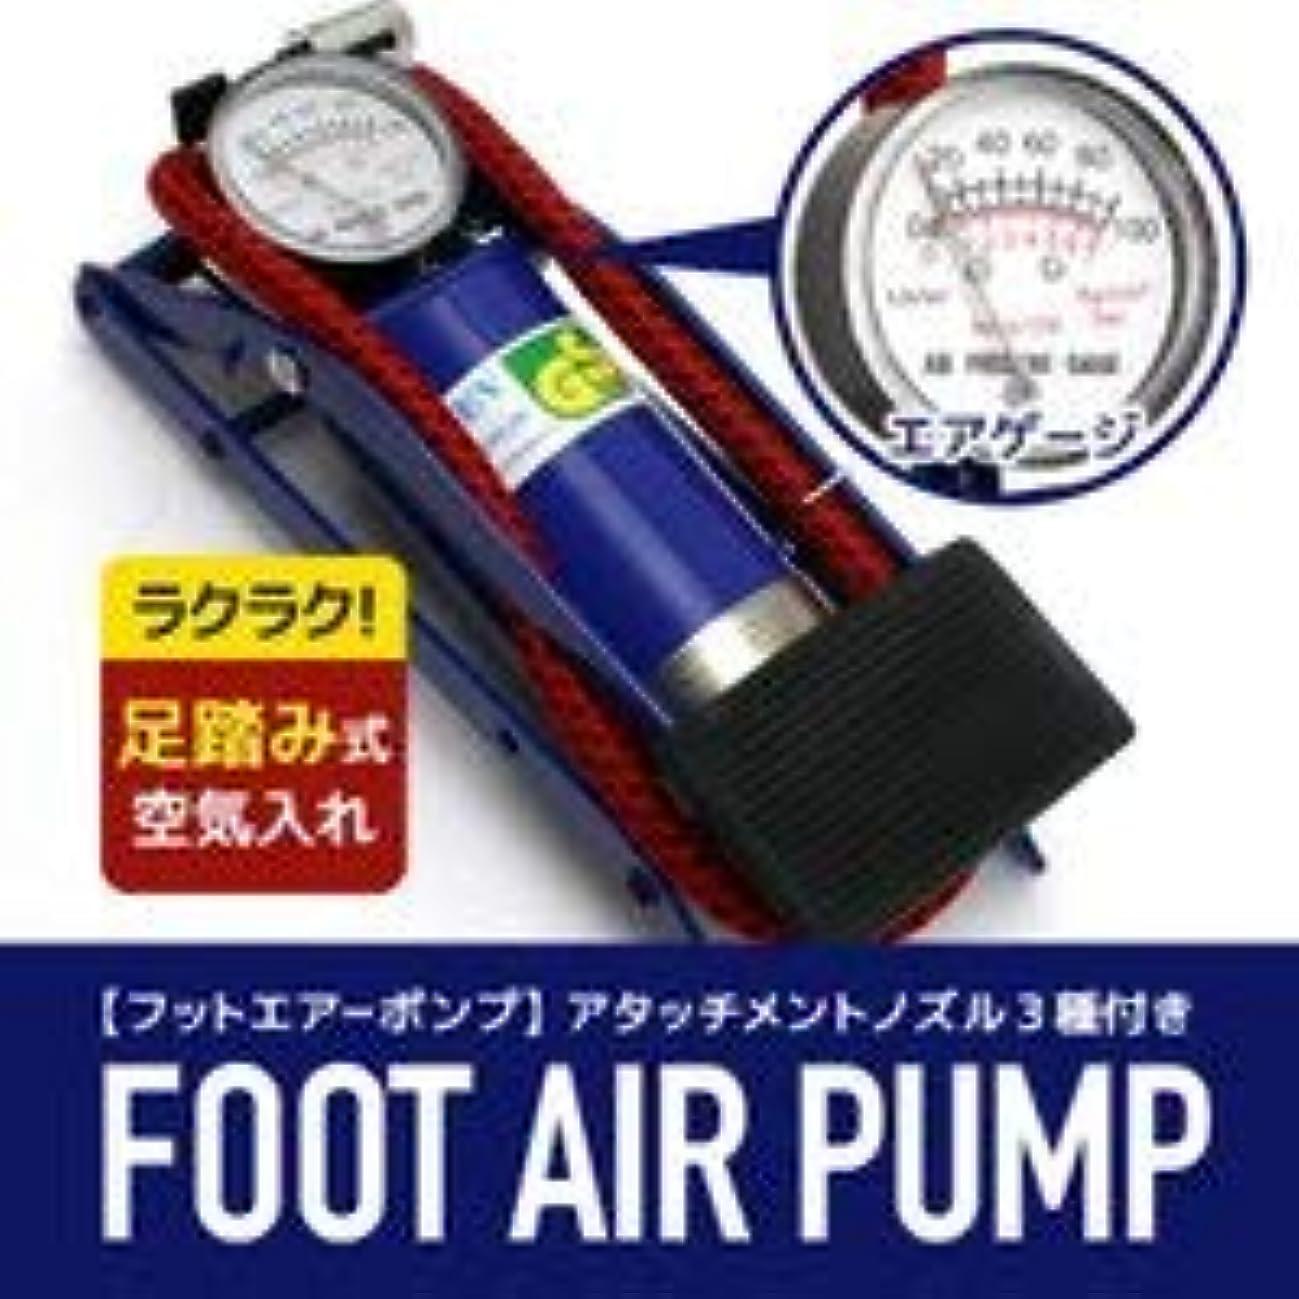 教え目指すエジプト人踏み込み式 コンパクト 空気入れ 自転車やレジャー用品に 空気圧メータ付